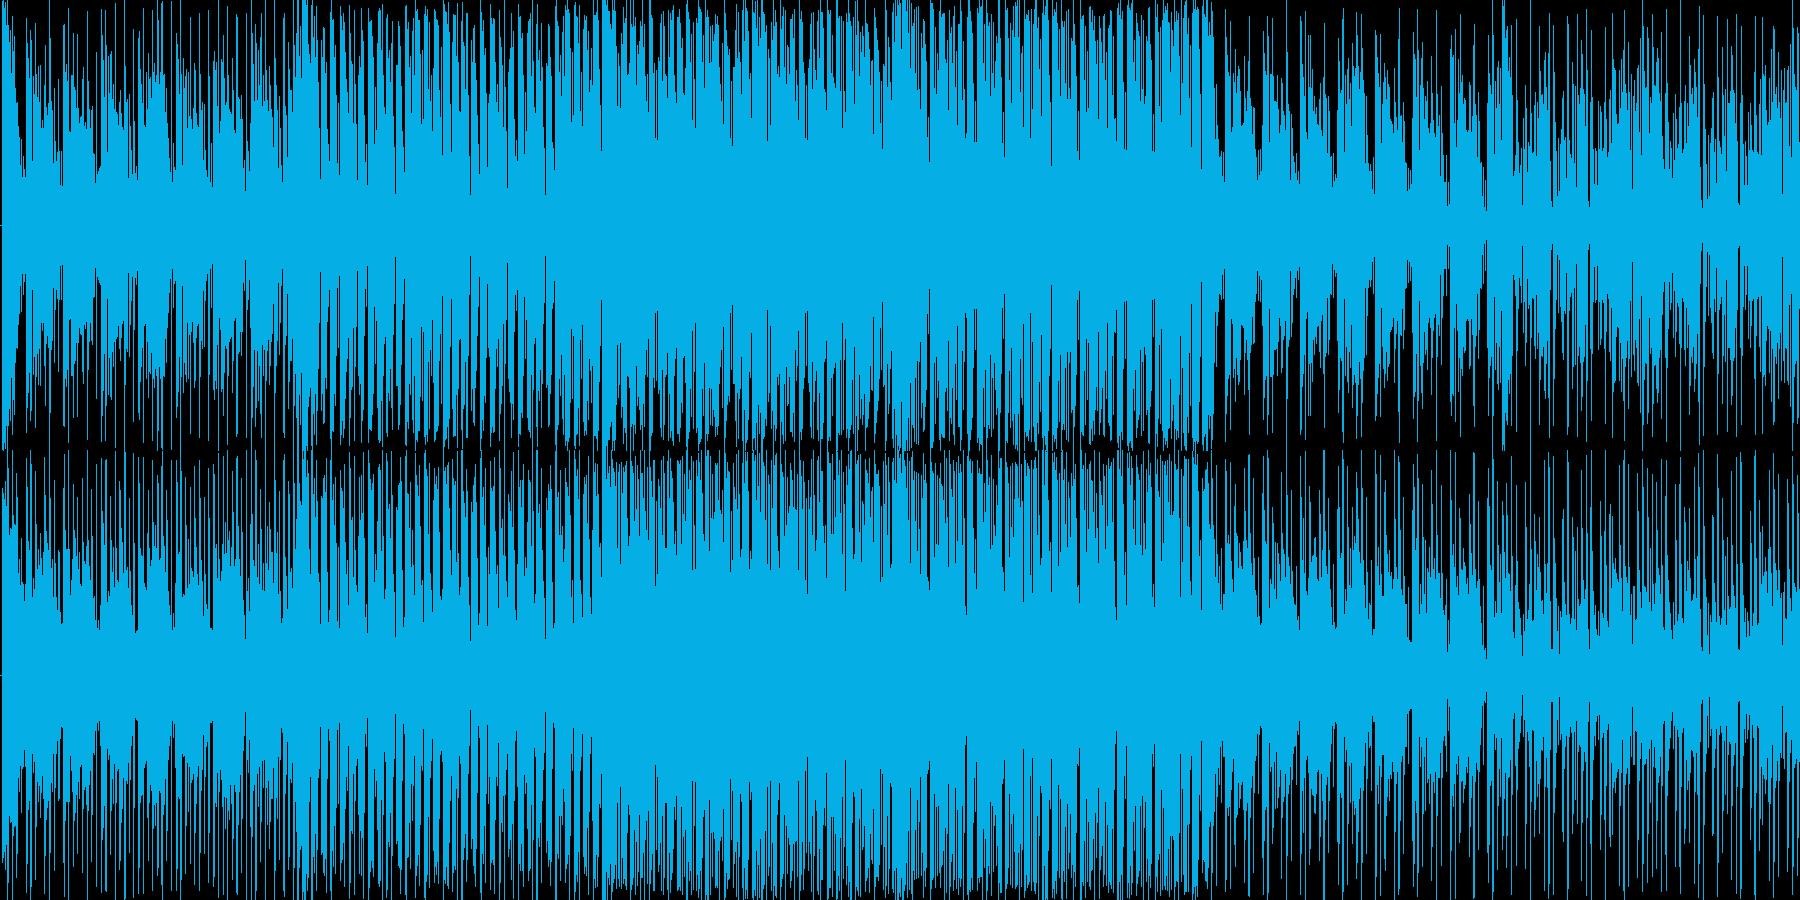 クールなキャラセレクトBGMの再生済みの波形